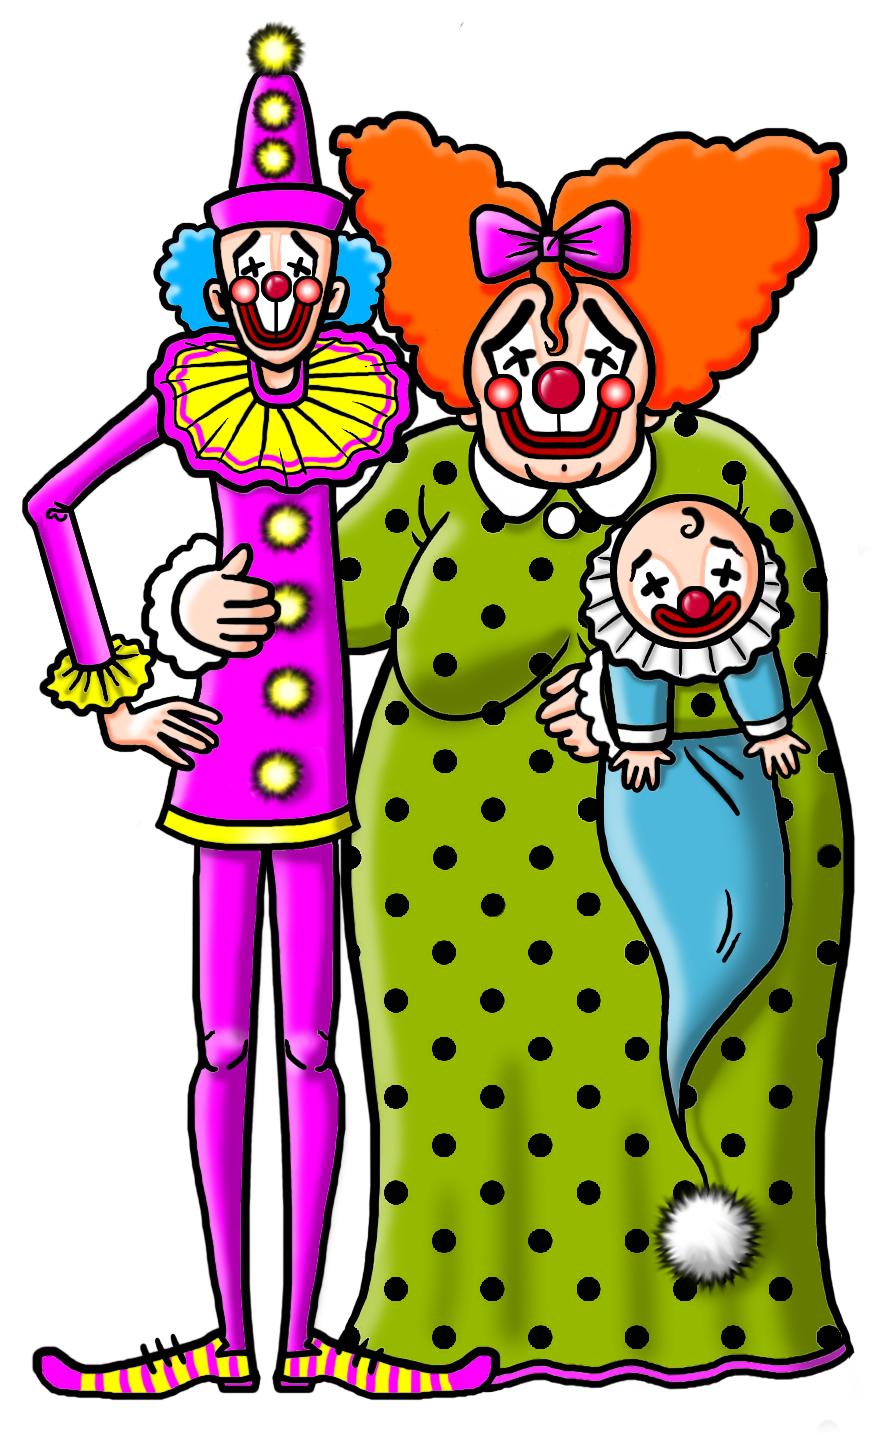 http://2.bp.blogspot.com/-vvYgLPwxMf8/U3Xu8zGSlsI/AAAAAAAAA_E/xA0XvGFbQAc/s1600/1+CIRCUS+FAMILY.PNG